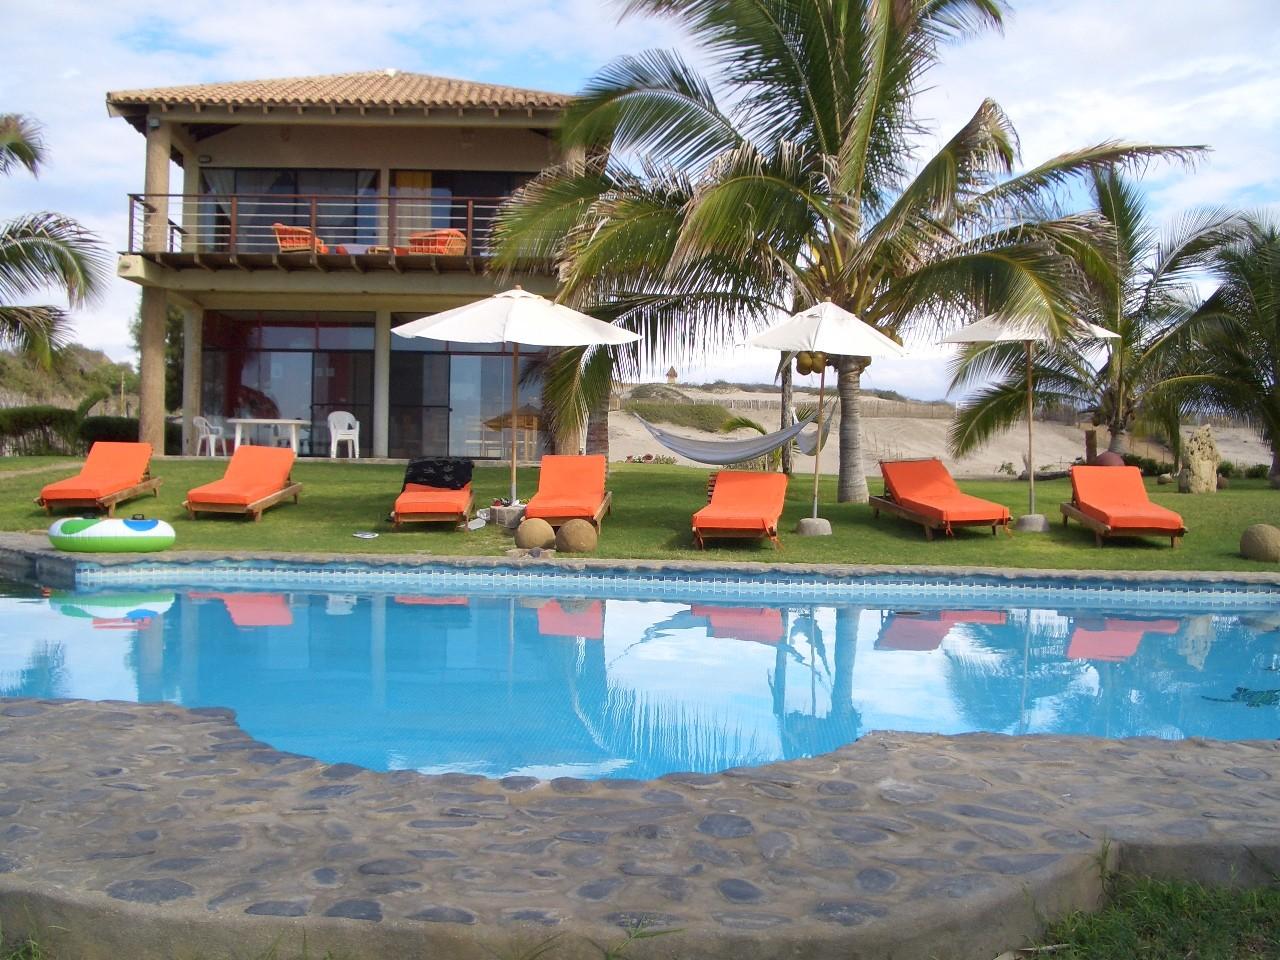 Mancora peru alquiler de casas de playa en vichayito for Casas jardin del mar